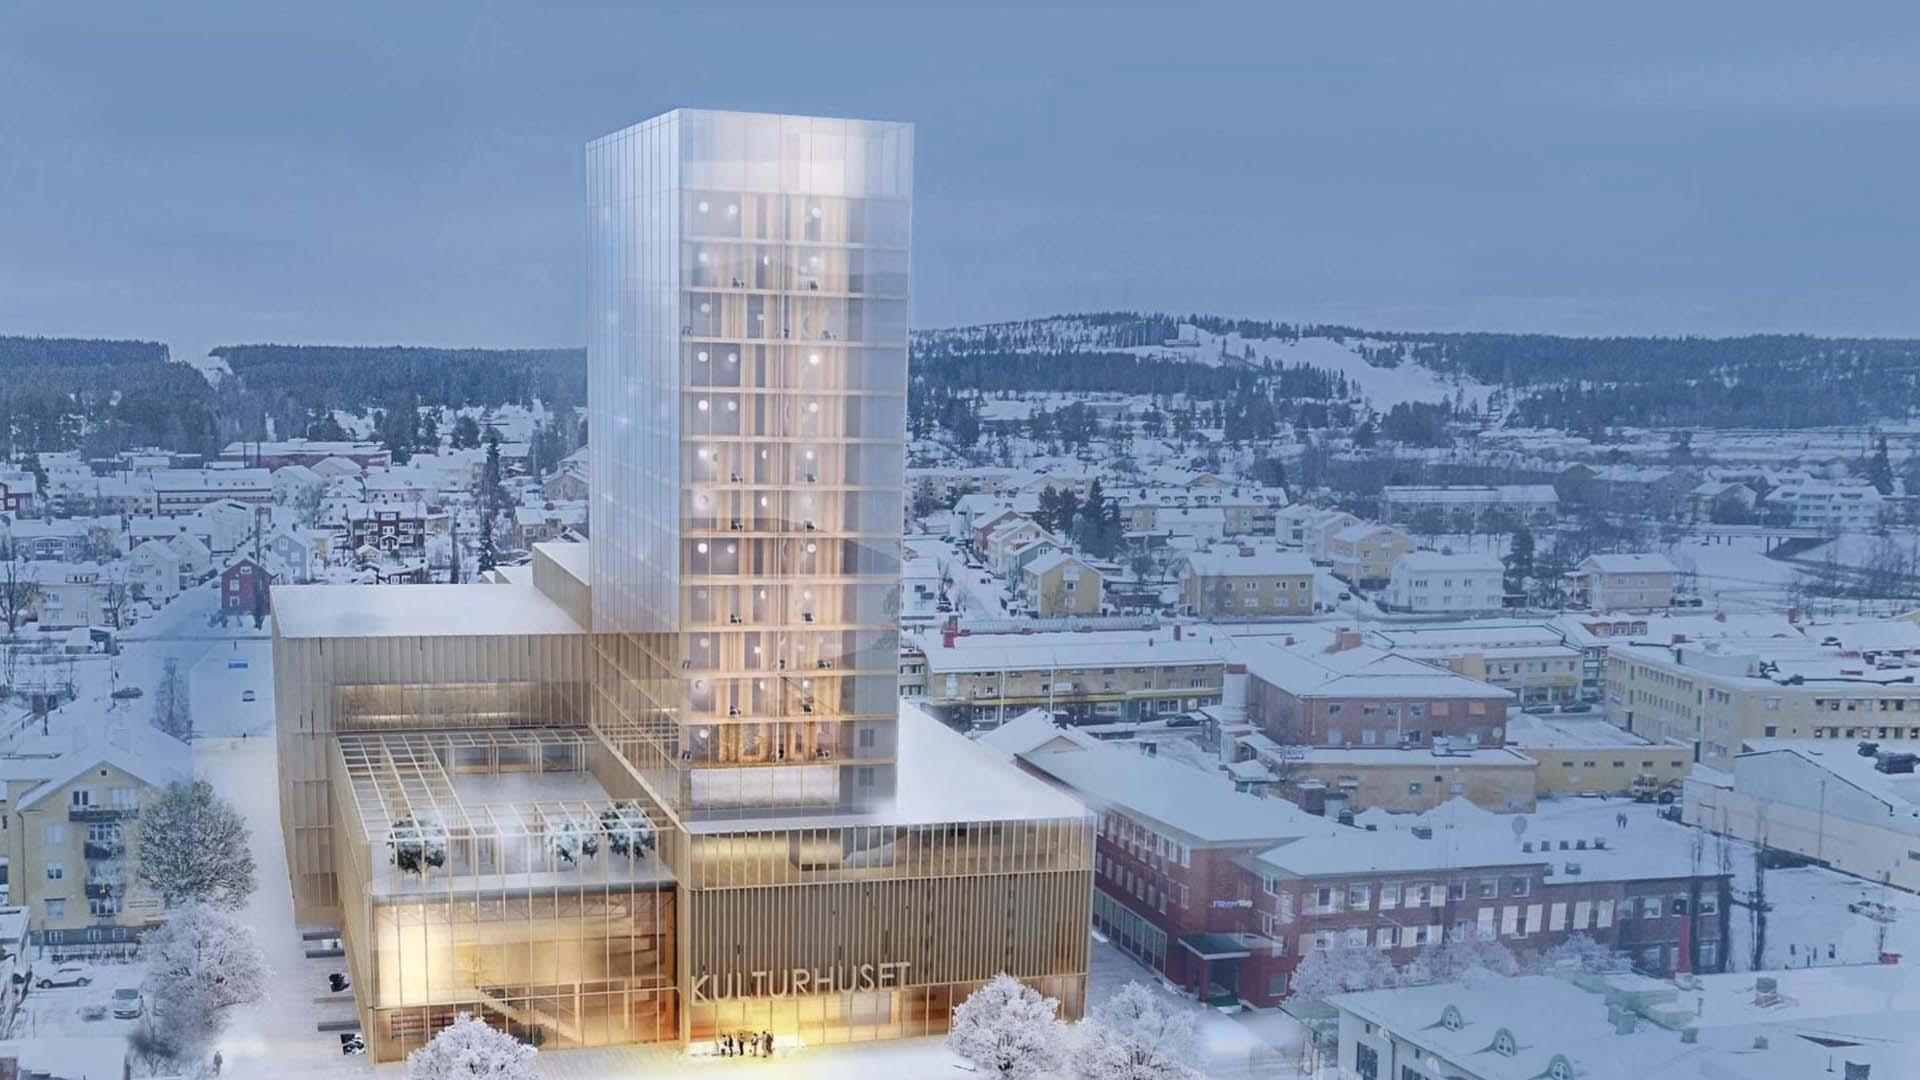 Läs mer om artikeln Nordiska Brand i stort reportage om sprinklerprojekteringen i Sveriges högsta trähus